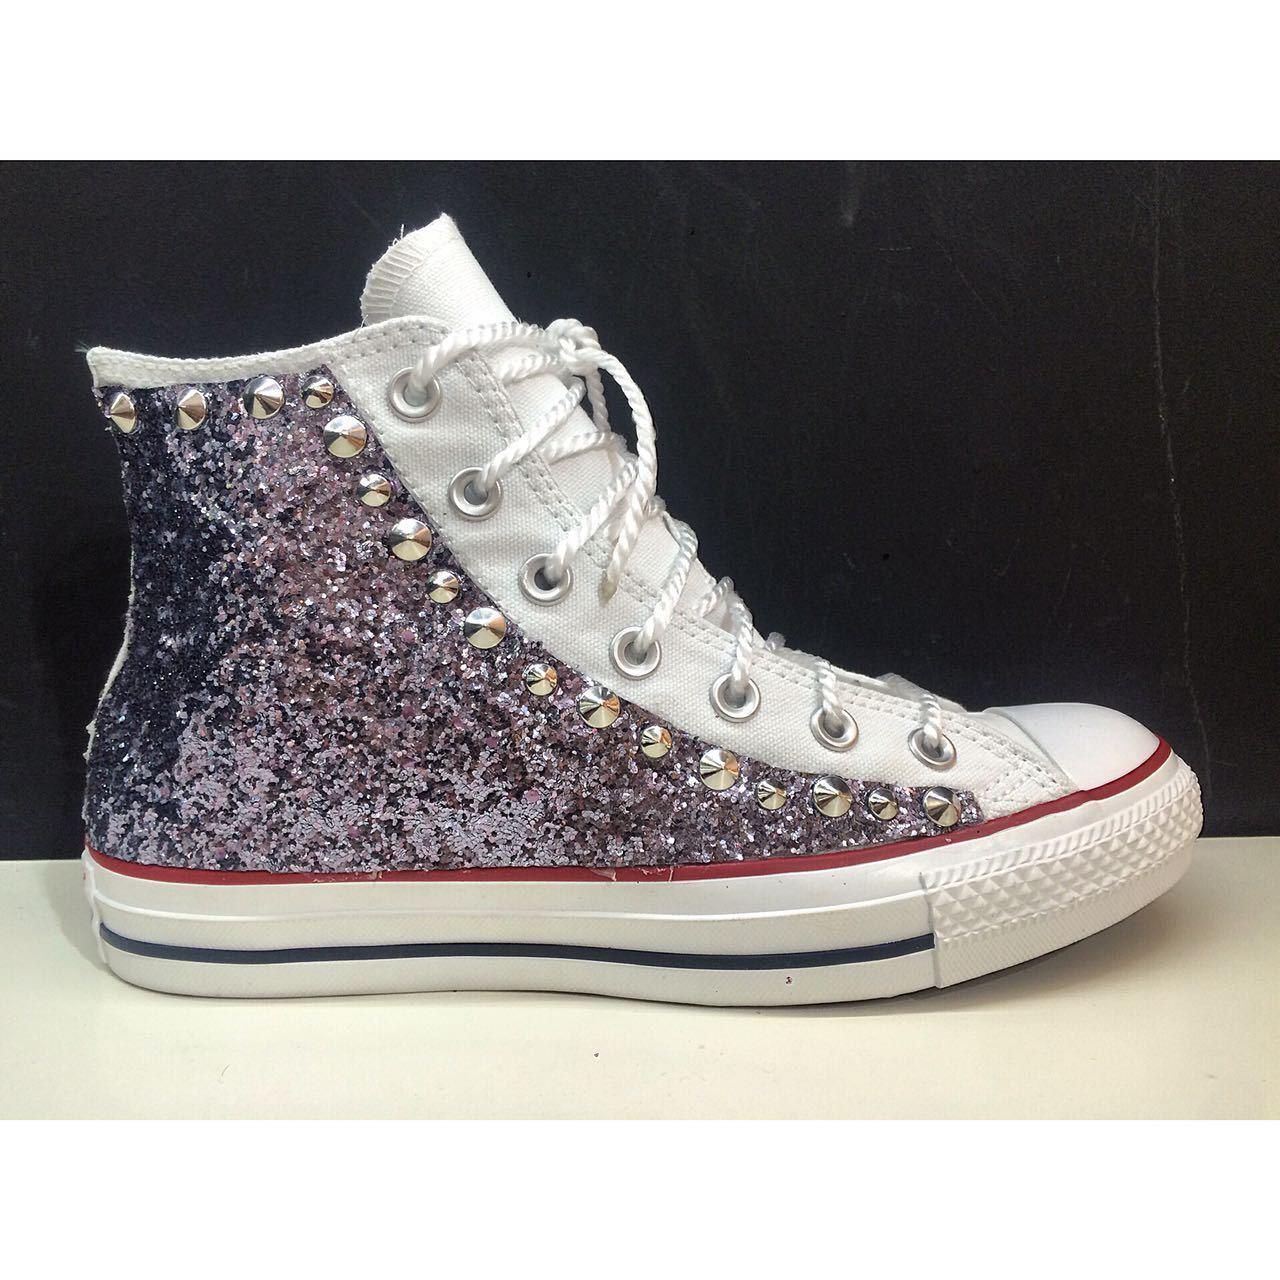 converse all star borchiate con borchie argento e glitter argento borchie 8cf5a8